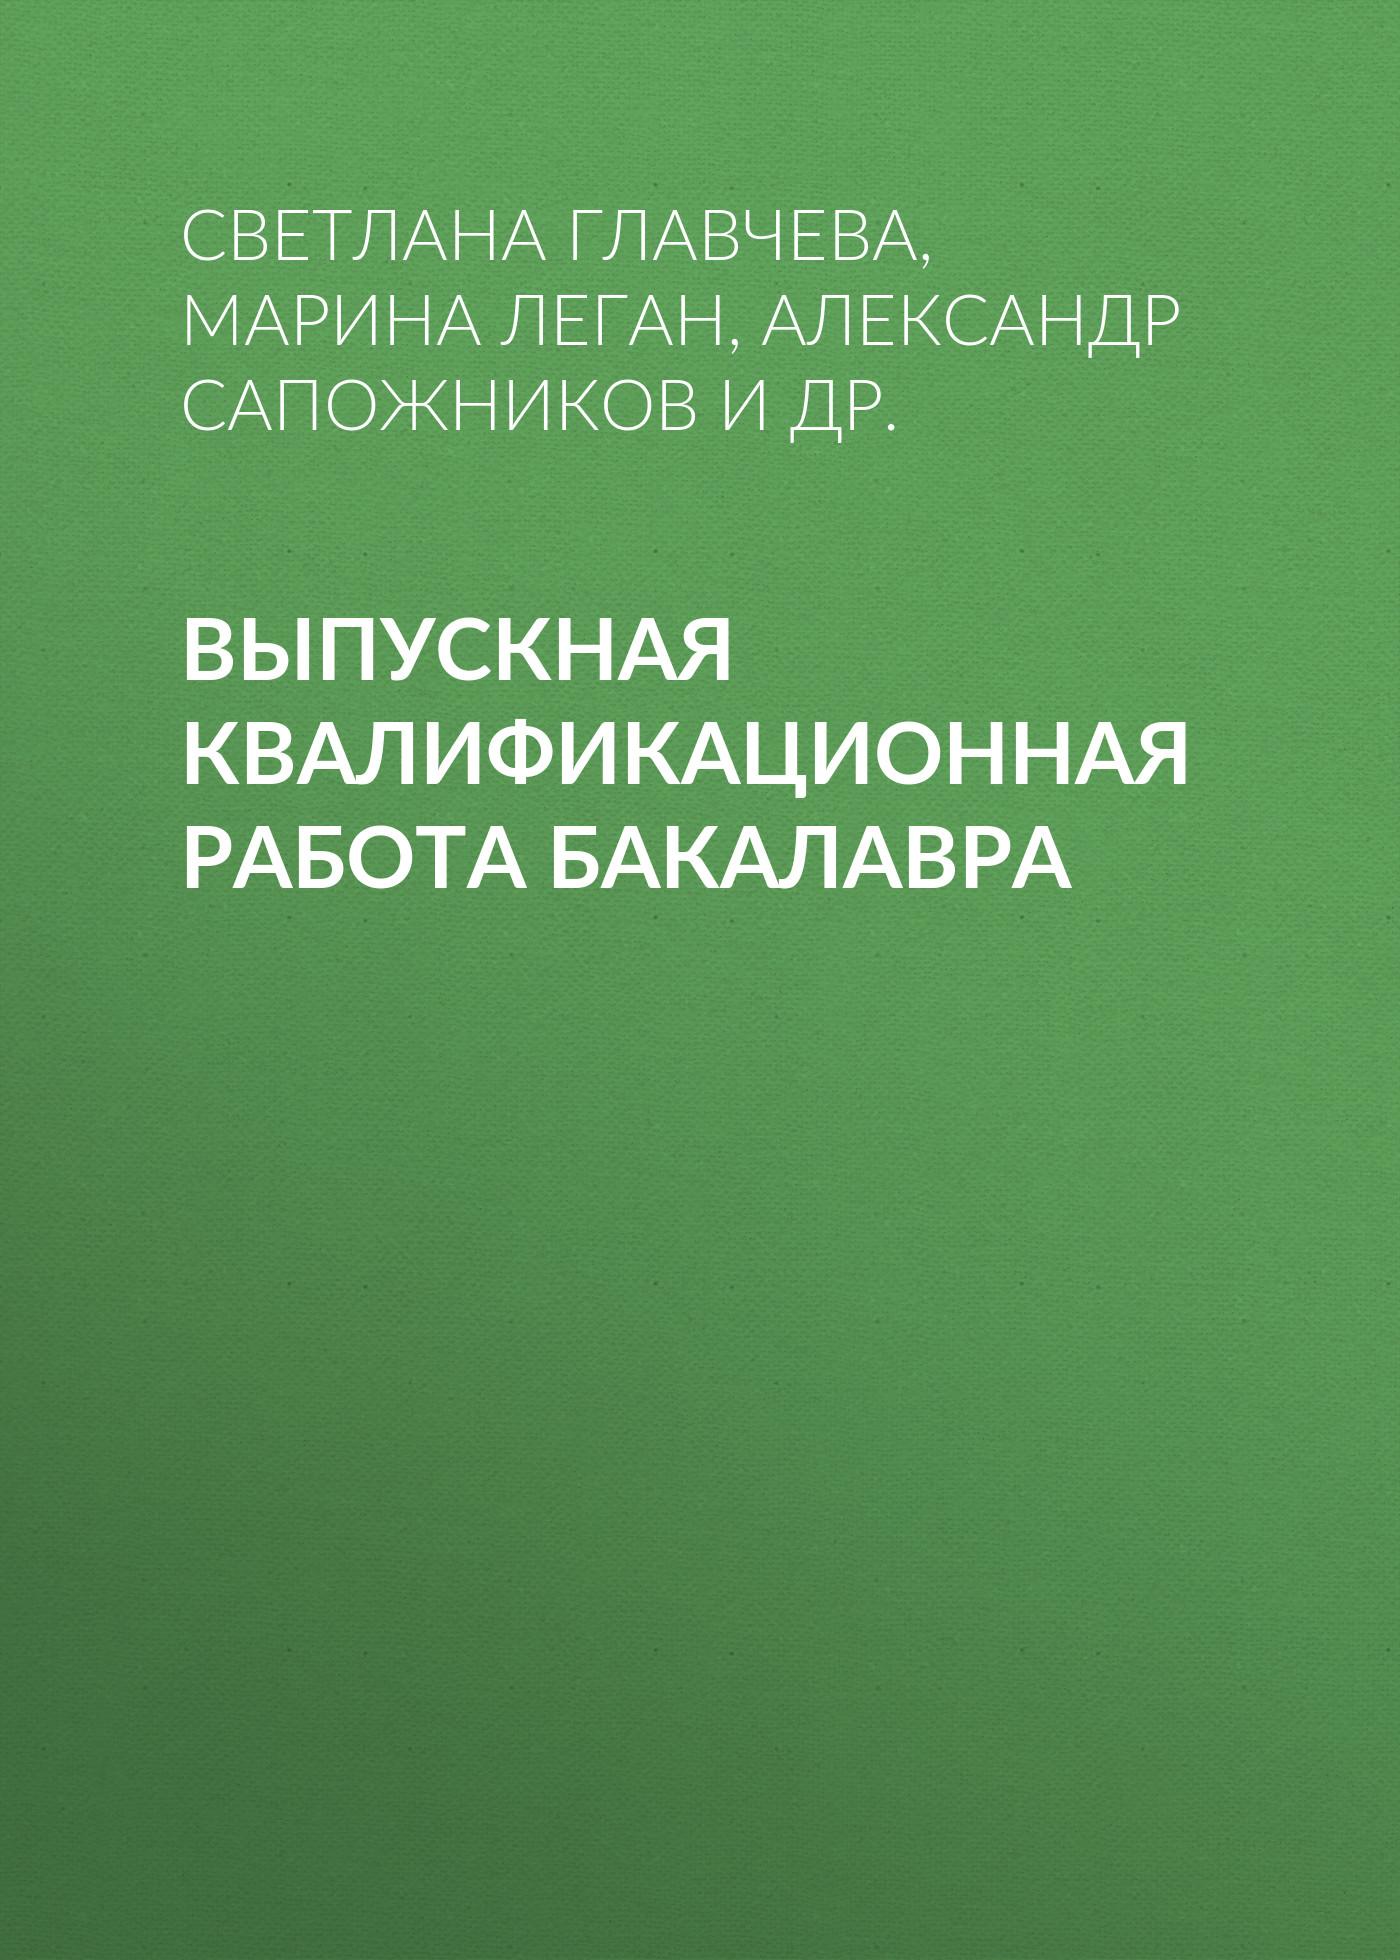 Светлана Главчева Выпускная квалификационная работа бакалавра а в рубанов выпускная квалификационная работа бакалавра